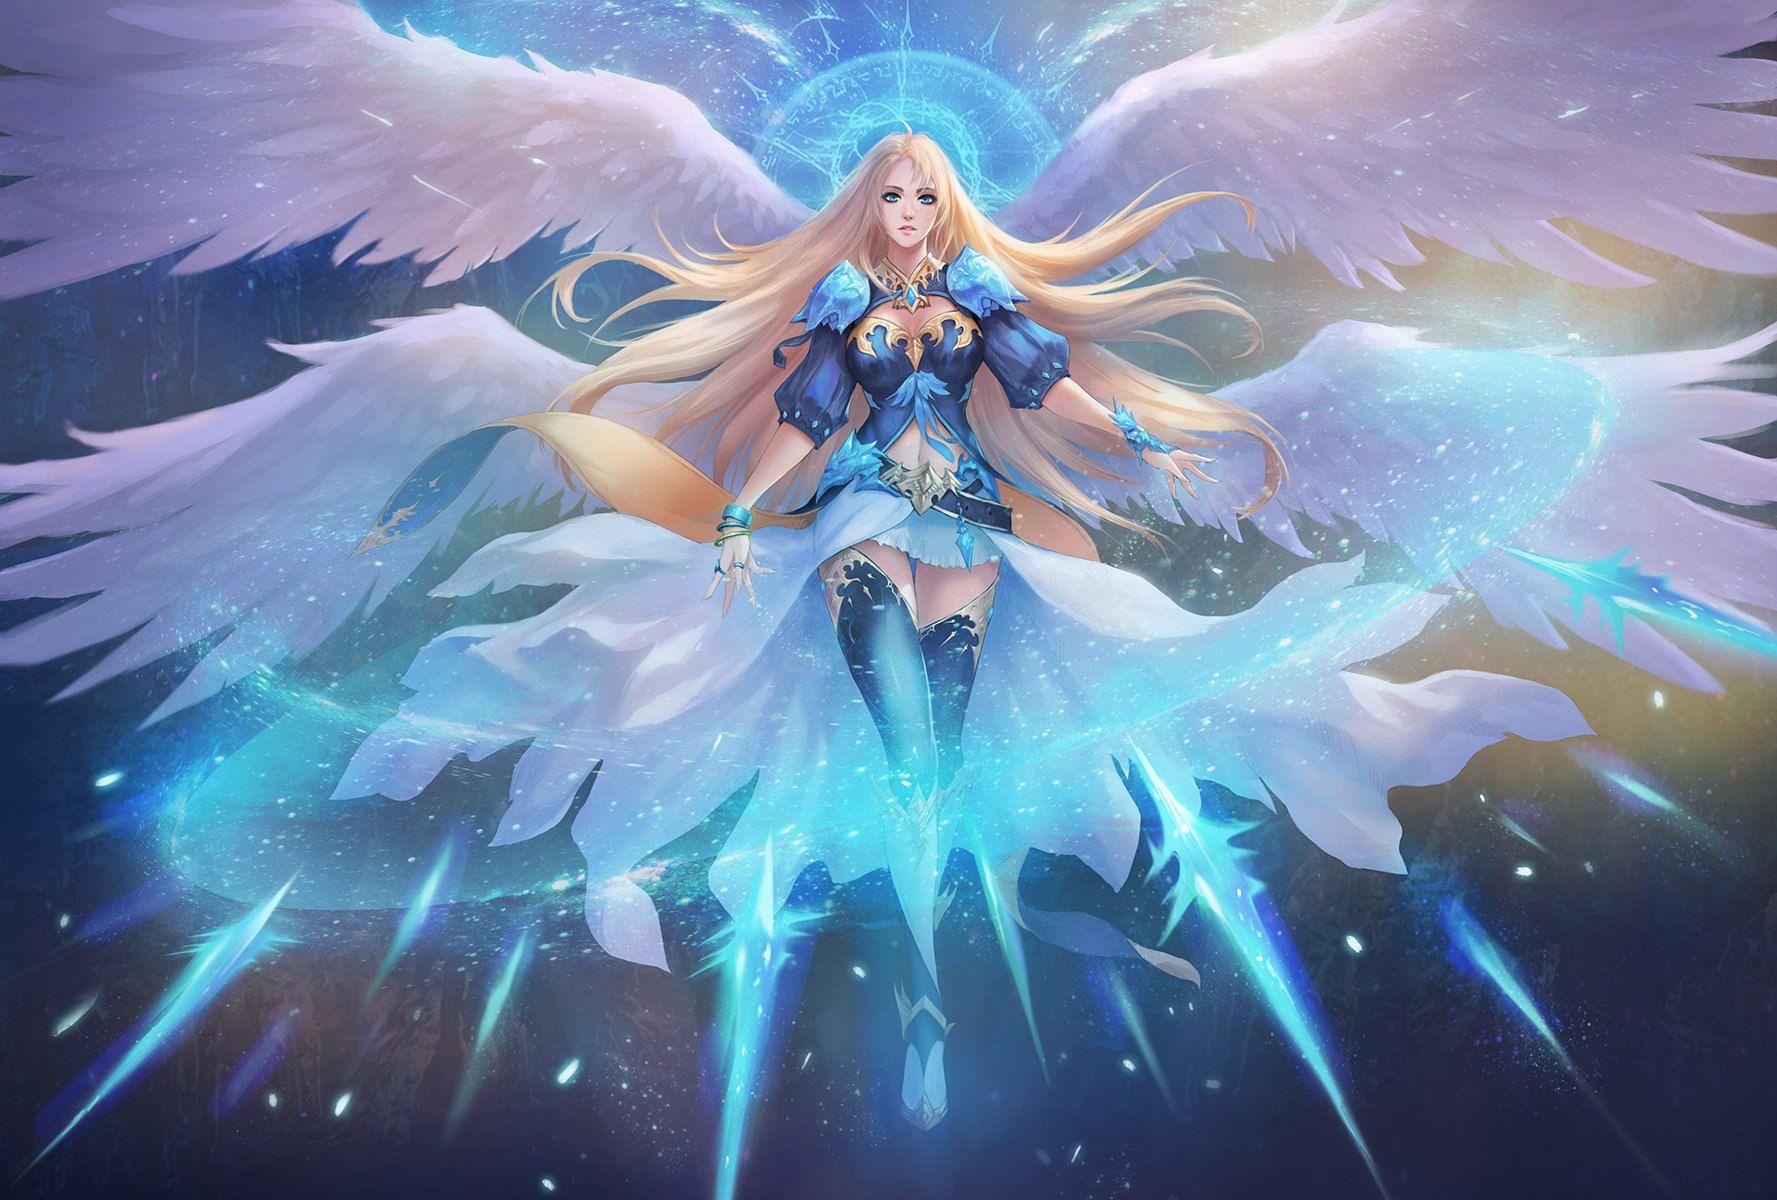 картинки ангел и лед разделить